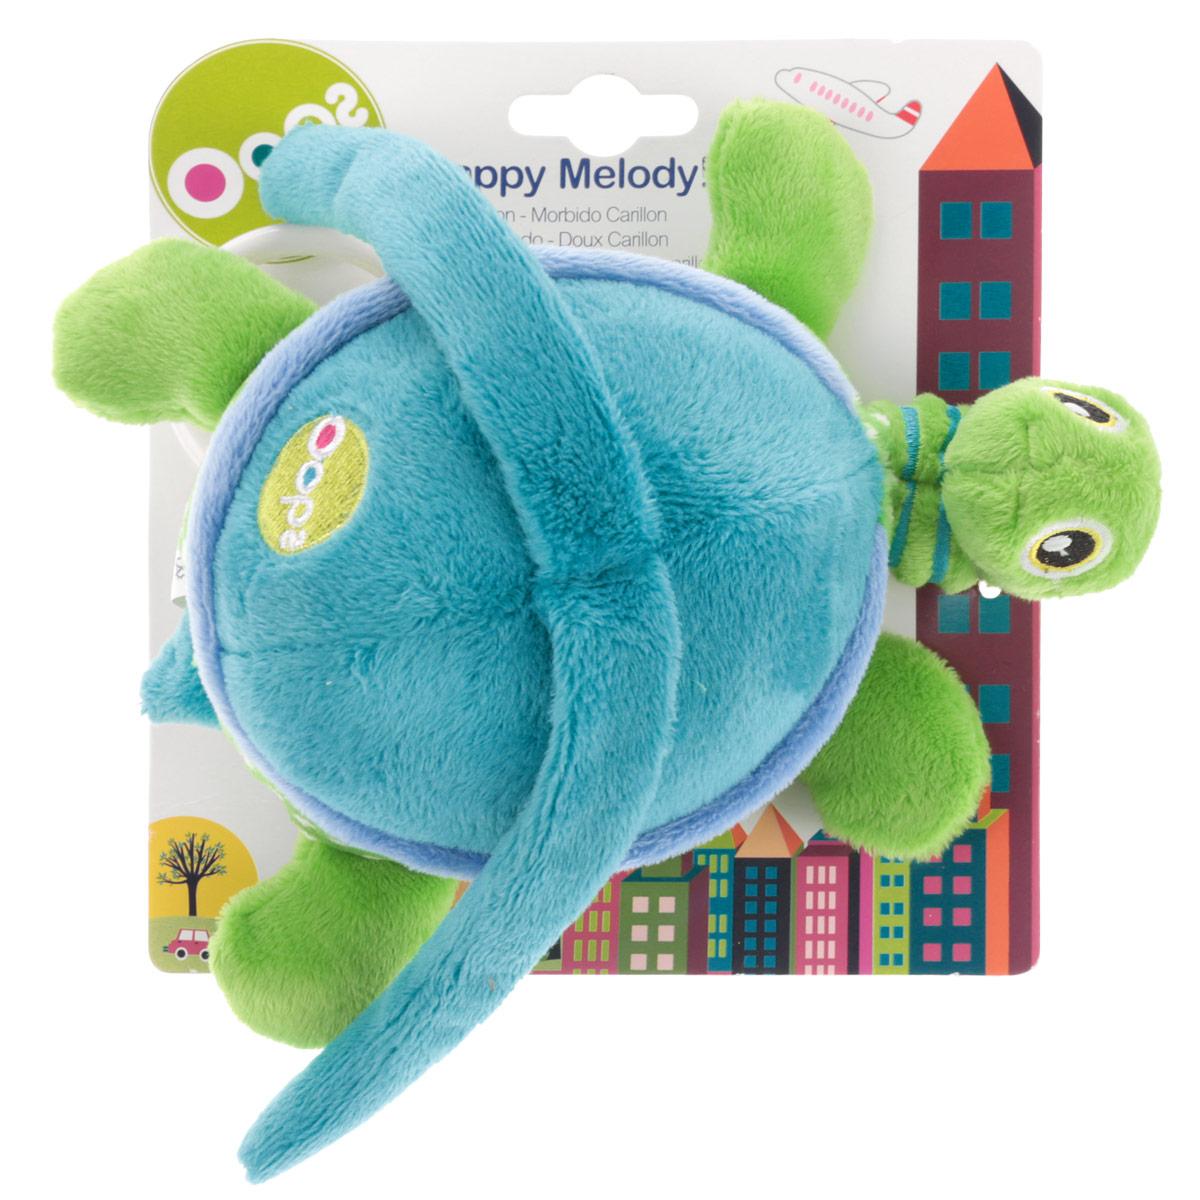 Музыкальная игрушка-подвеска OOPS Черепаха. 12002.00O 12002.00Мягкая музыкальная игрушка-подвеска OOPS Черепаха привлечет внимание вашего малыша и не позволит ему скучать. Игрушка выполнена из мягкого текстильного материала разных цветов и фактур в виде симпатичной черепашки. Ее личико вышито, на спинке находятся специальные жгуты, с помощью которых игрушка крепится к кровати или коляски. При нажатии на живот малыш услышит негромкую успокаивающую мелодию, которая поможет ему спокойно заснуть. Благодаря пластиковому кольцу, прикрепленному к черепахе, игрушку можно потянуть вниз и отпустить, она вернется обратно, издавая мелодию. Яркая игрушка-подвеска поможет ребенку в развитии цветового и звукового восприятия, концентрации внимания, мелкой моторики рук, координации движений и тактильных ощущений.